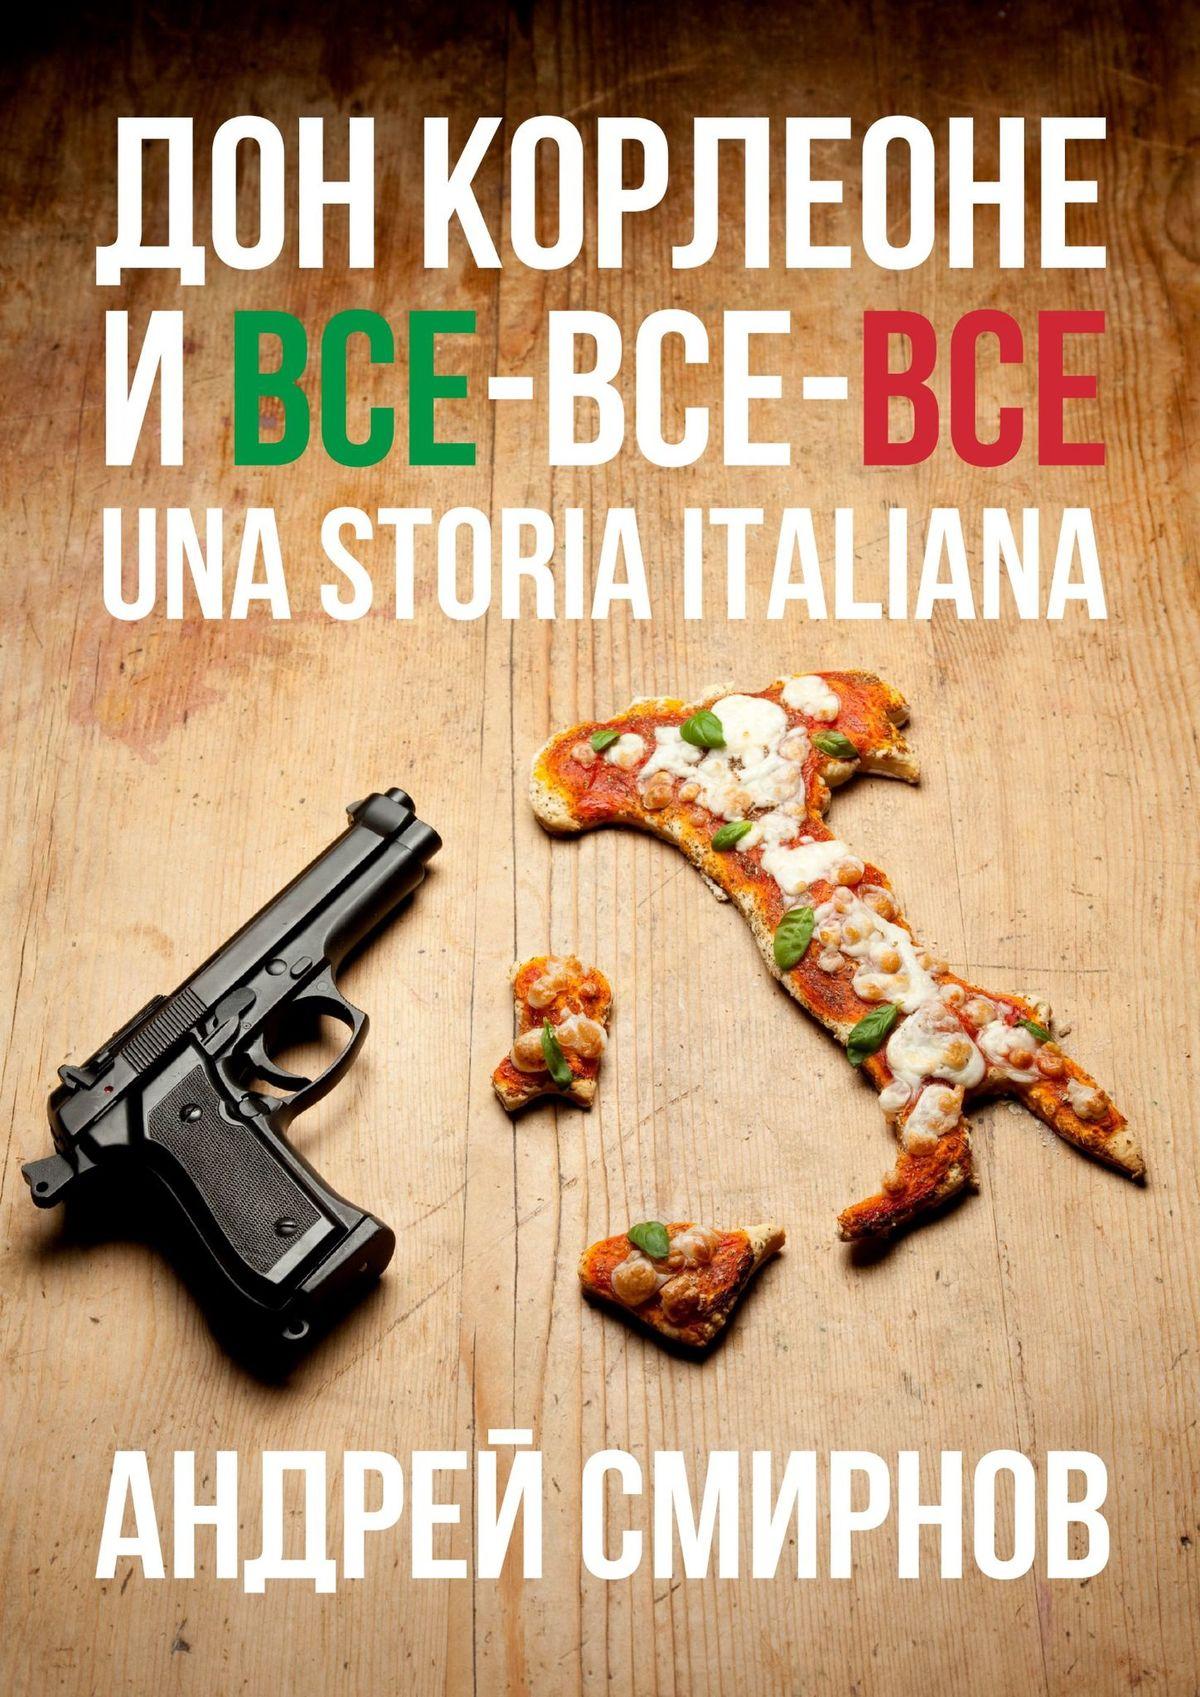 Дон Корлеоне ивсе-все-все. Una storia italiana